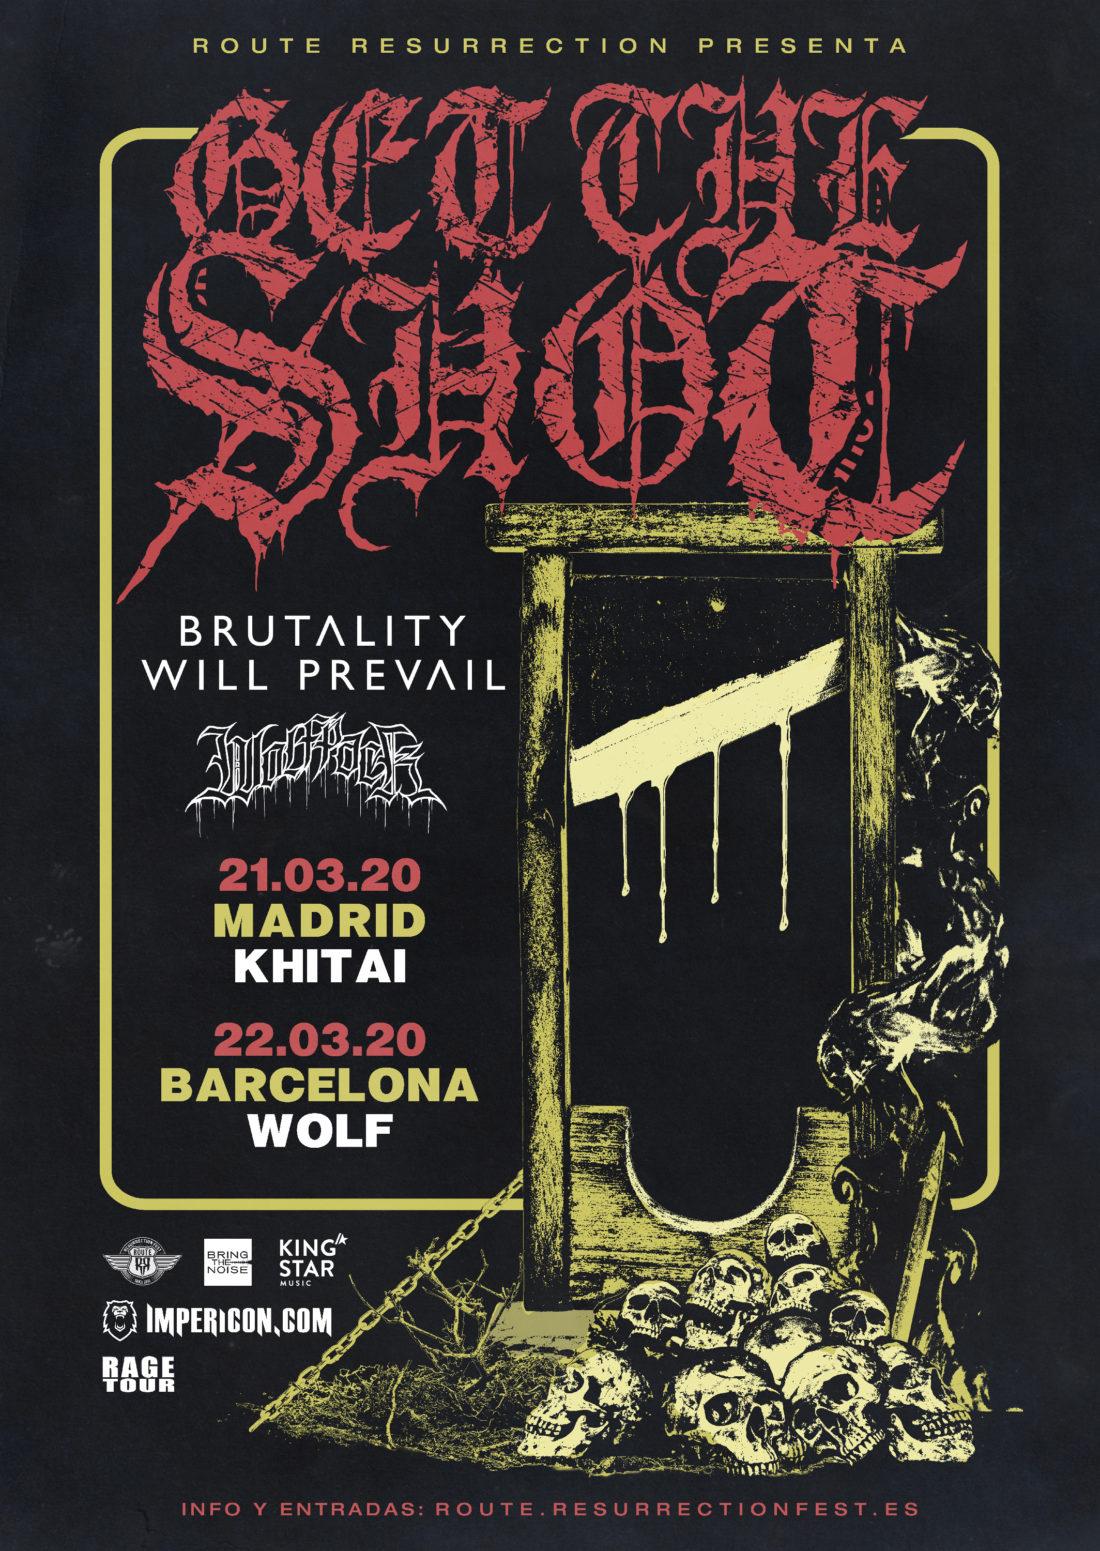 Nueva gira Route Resurrection: Get The Shot vuelven a España como cabezas de cartel